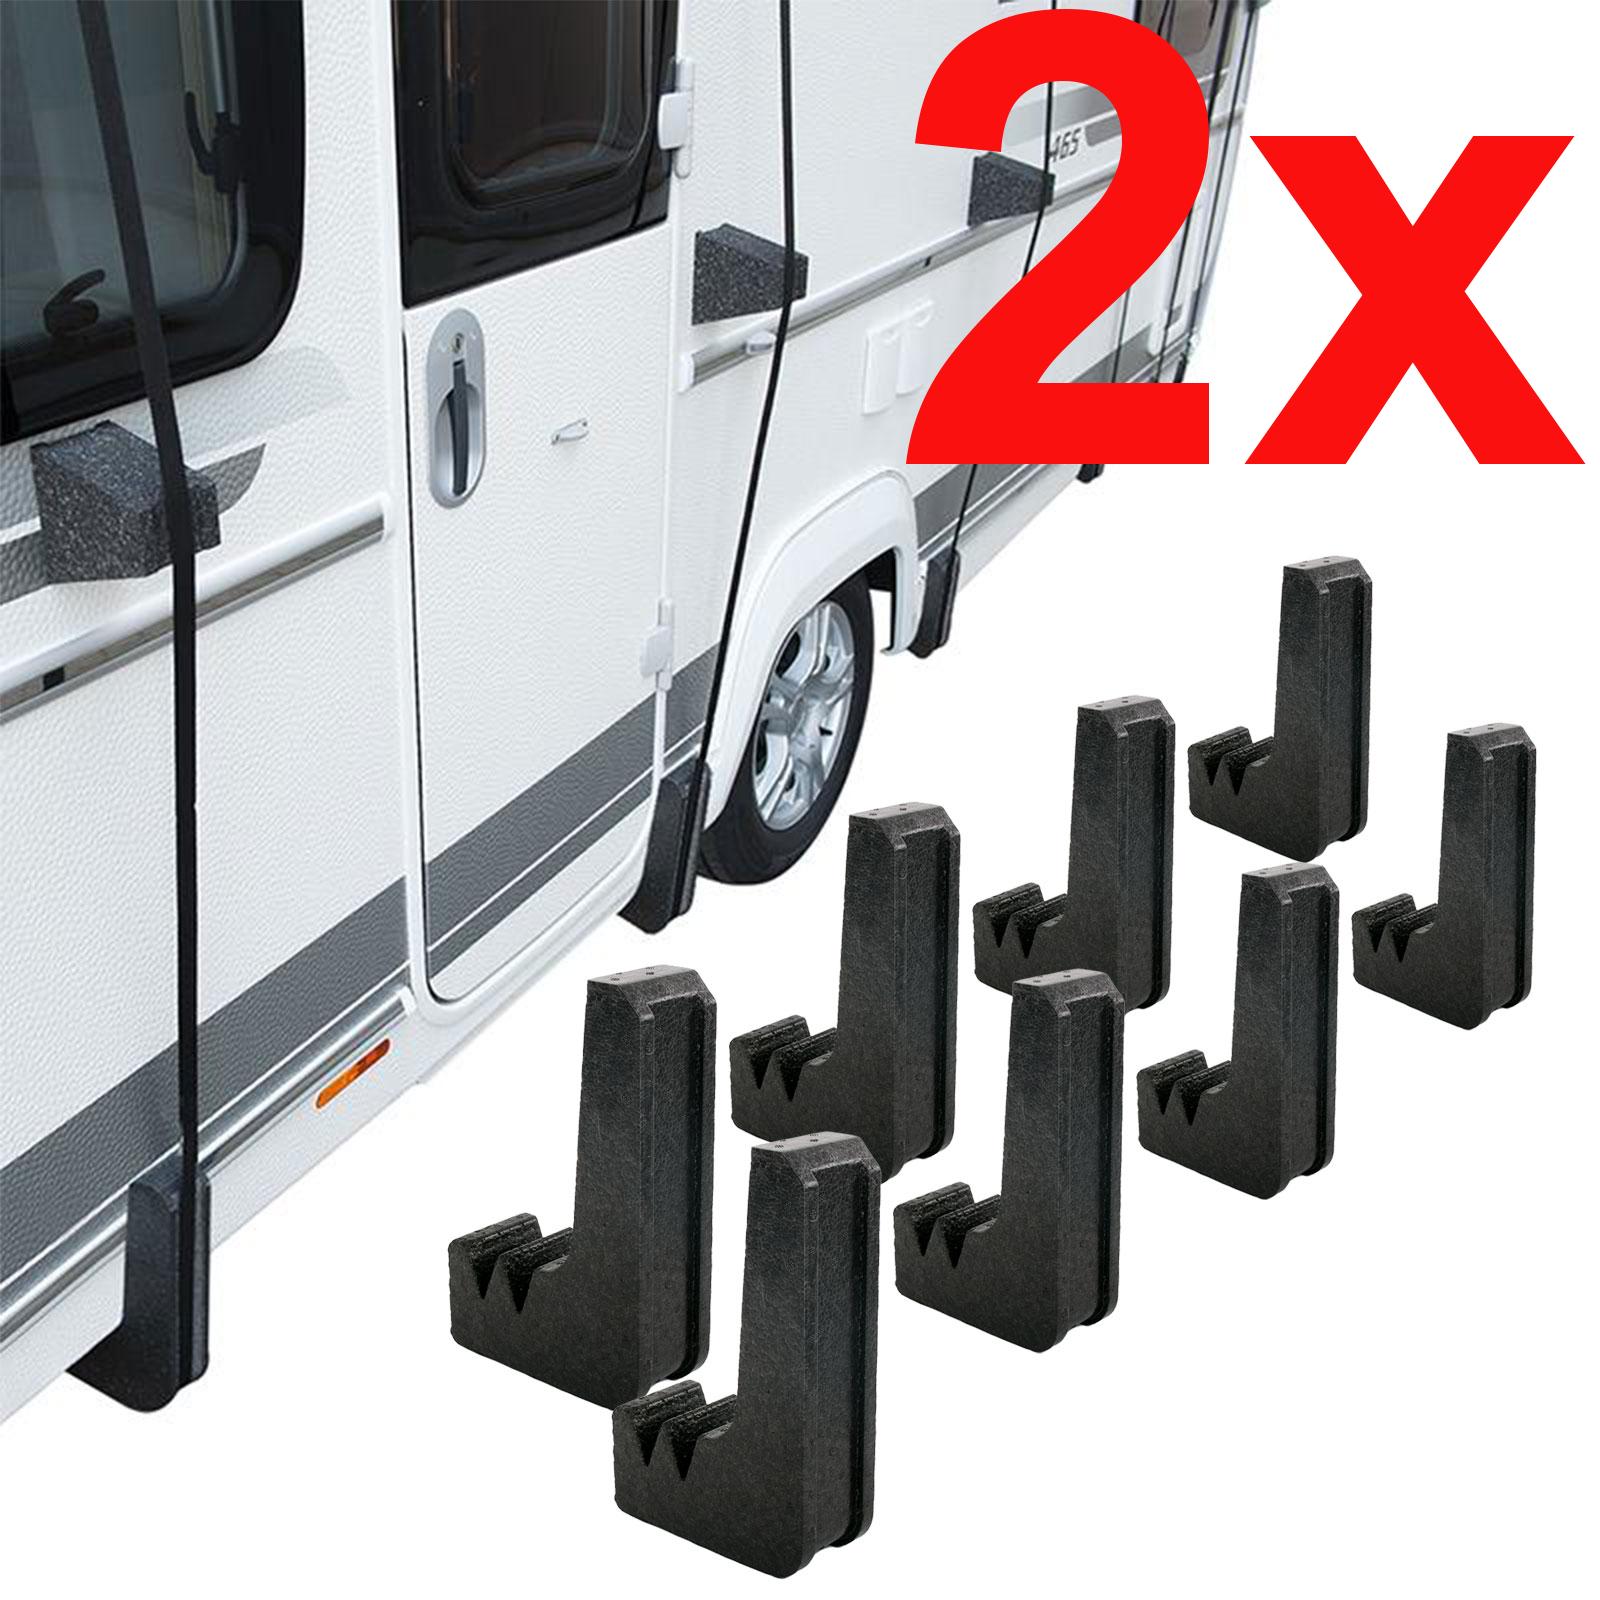 16 x Schutzecken für Wohnwagen, Wohnmobil Schutzdächer Spezial Styropor